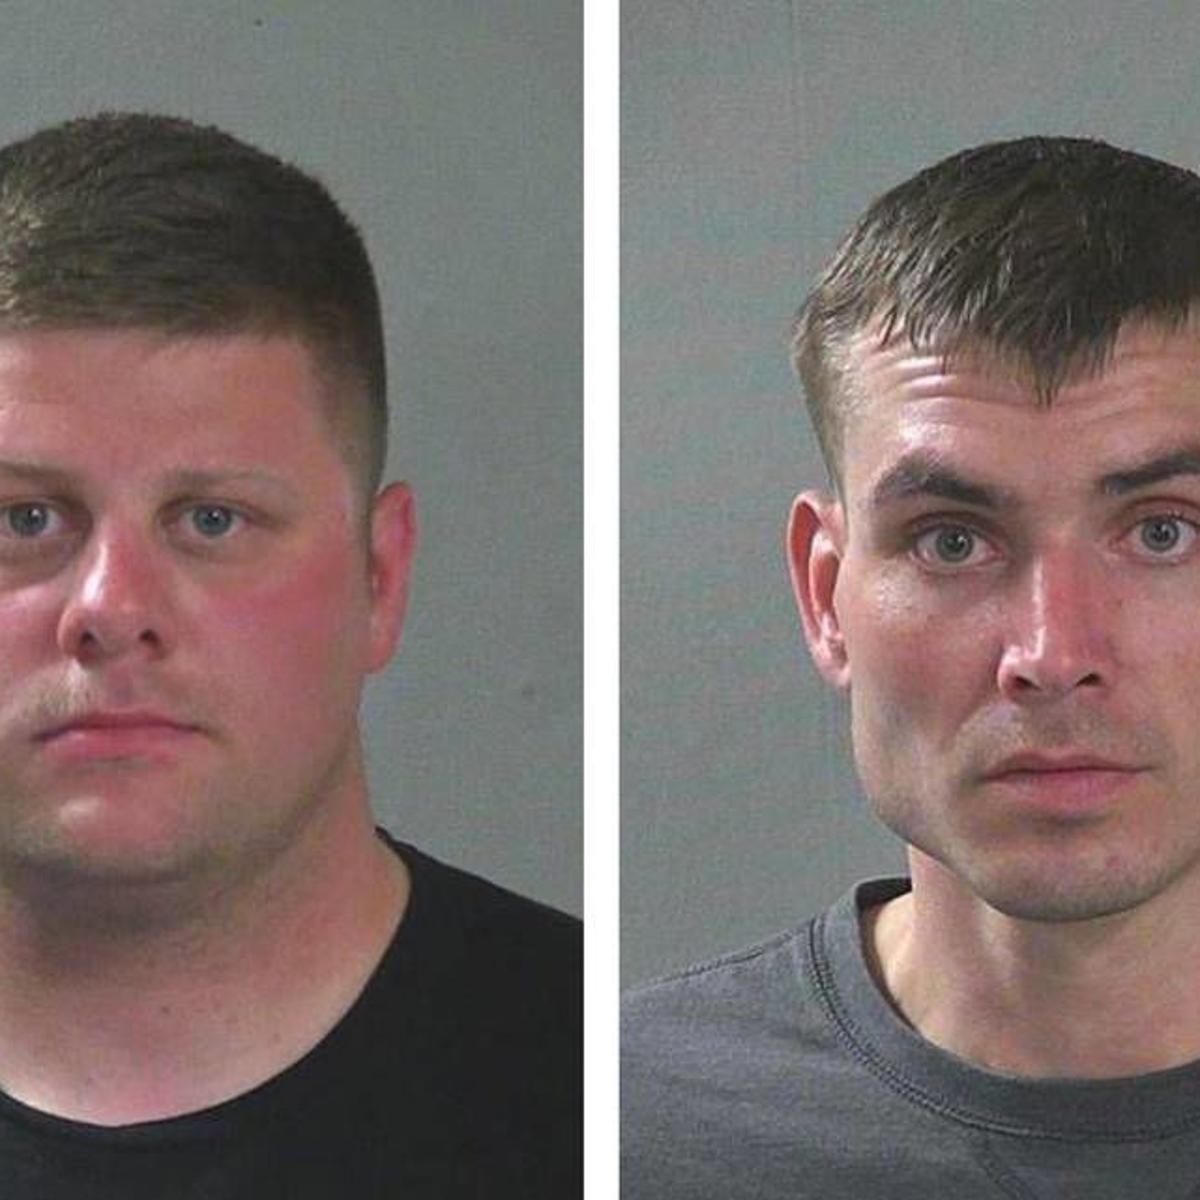 Idaho bounty hunters held a man at gunpoint  A judge barred